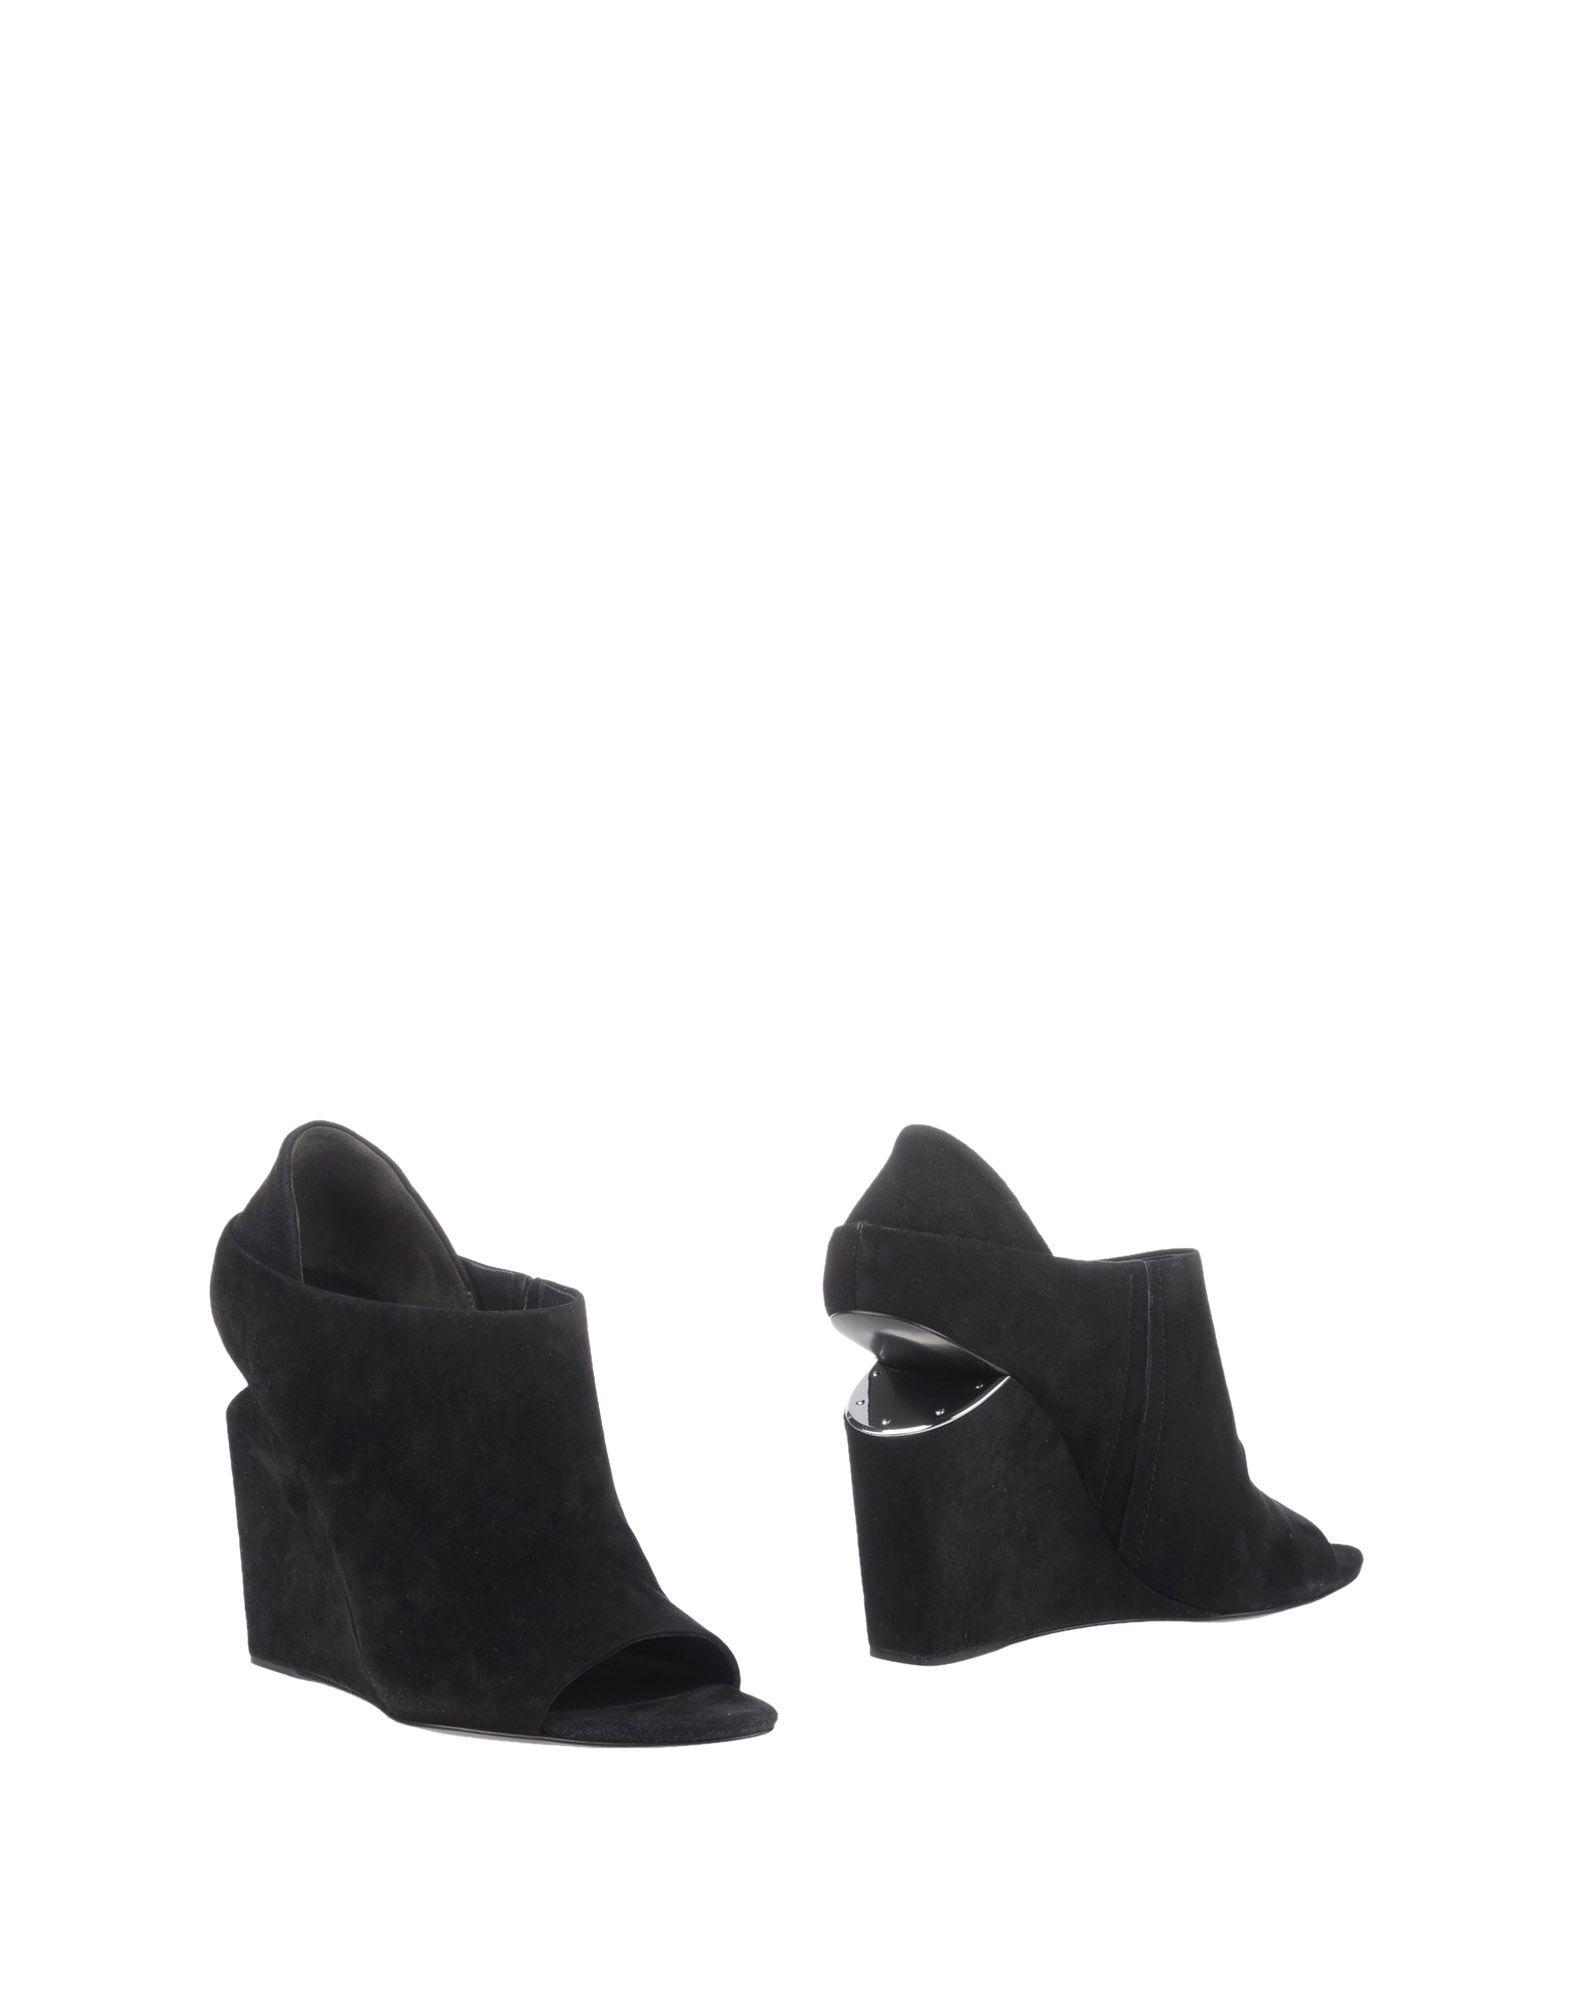 Bottine Alexander Wang Femme - Bottines Alexander Wang Noir Chaussures femme pas cher homme et femme